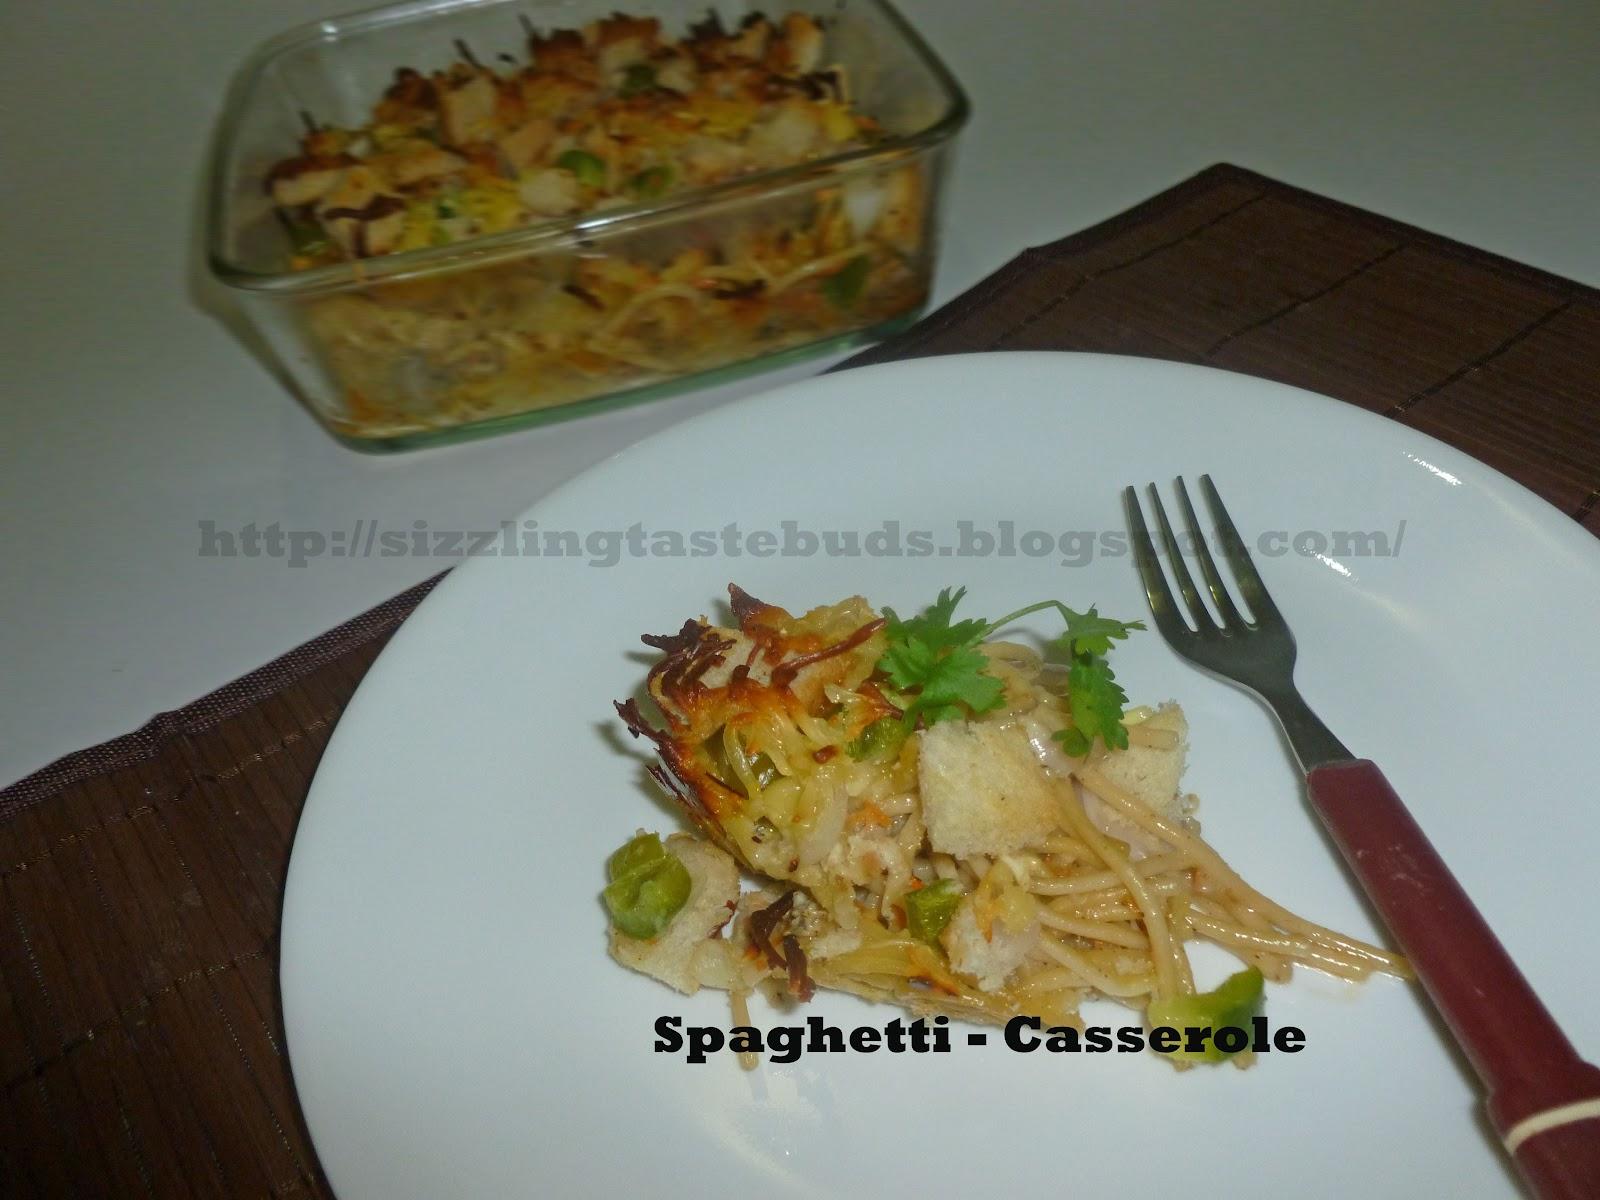 Home Made Recipes: September 2012